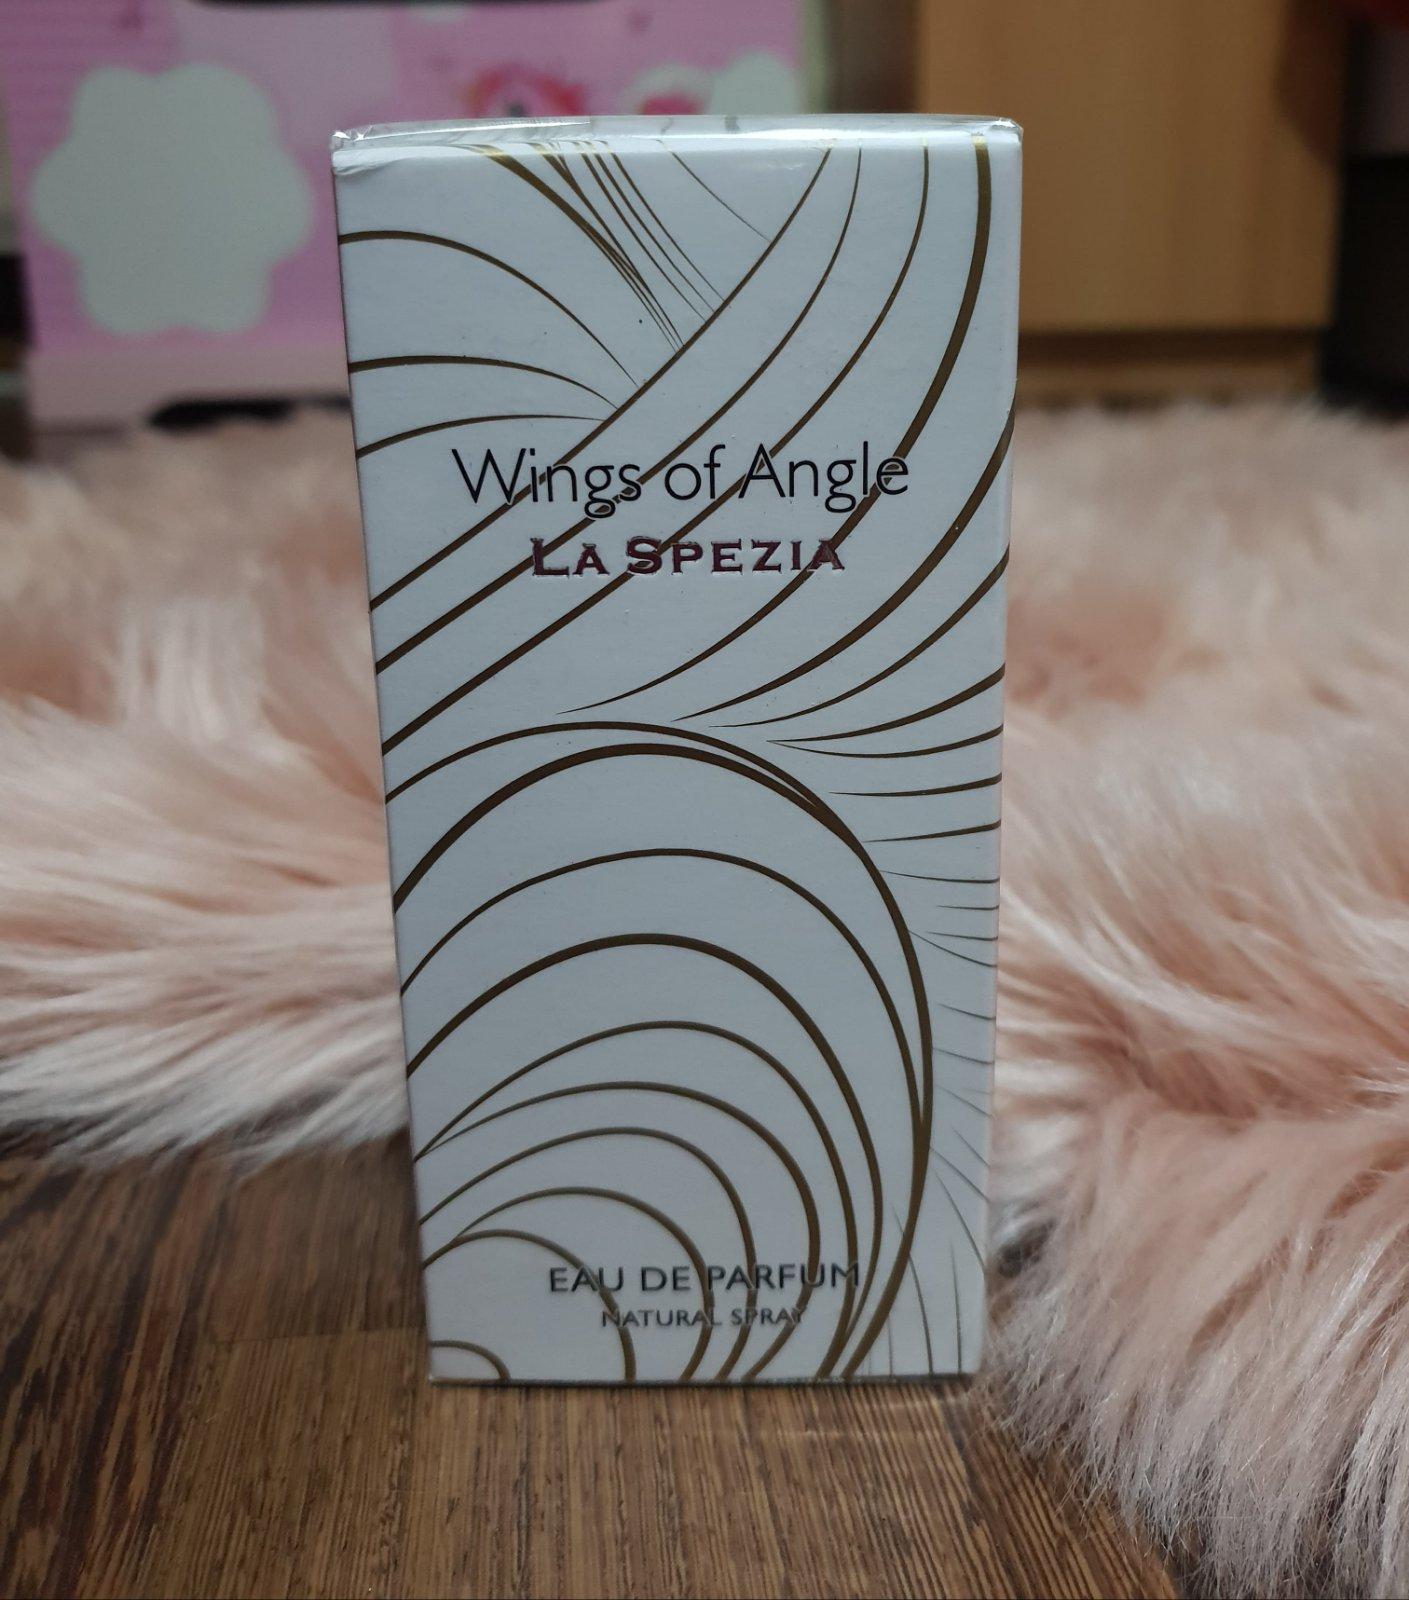 Parfum la spezia-dámsky 05748c02a4